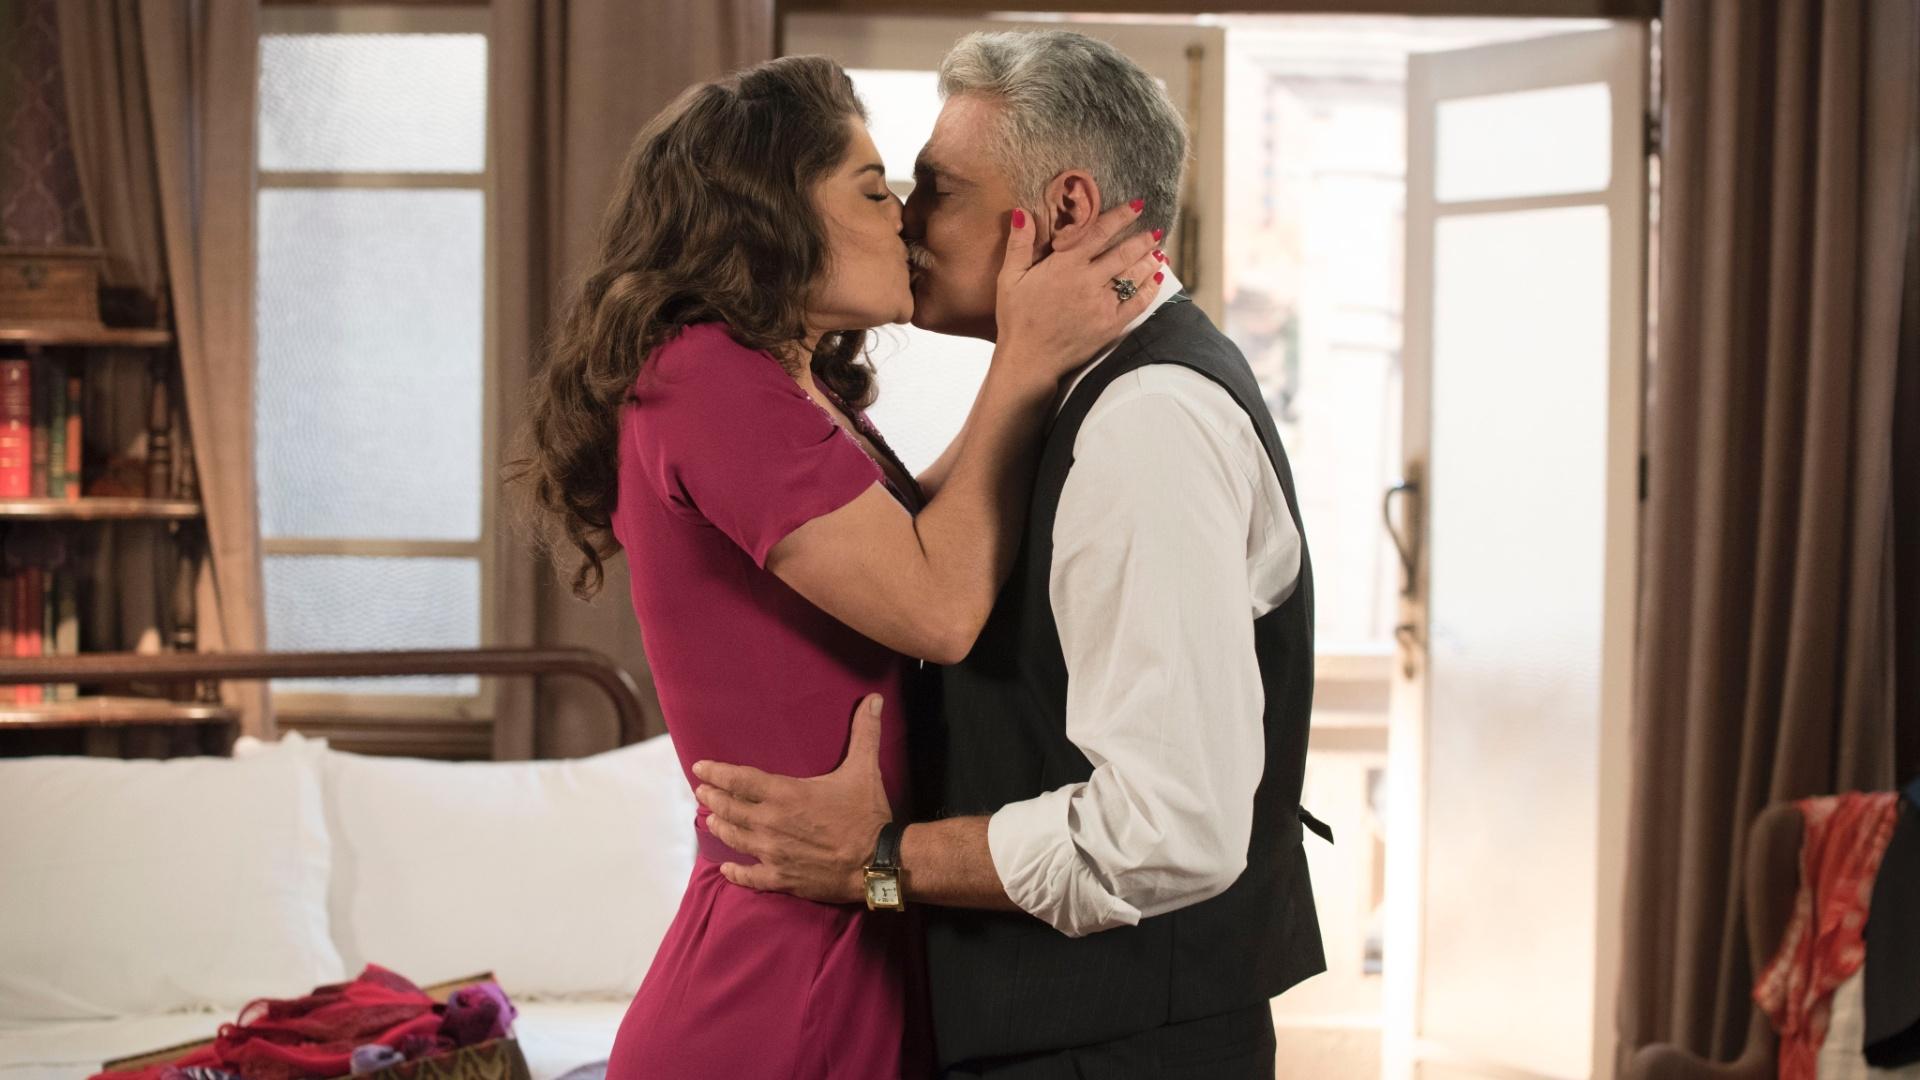 Severo (Tarcisio Filho) e Diana (Priscila Fantin) se beijam em